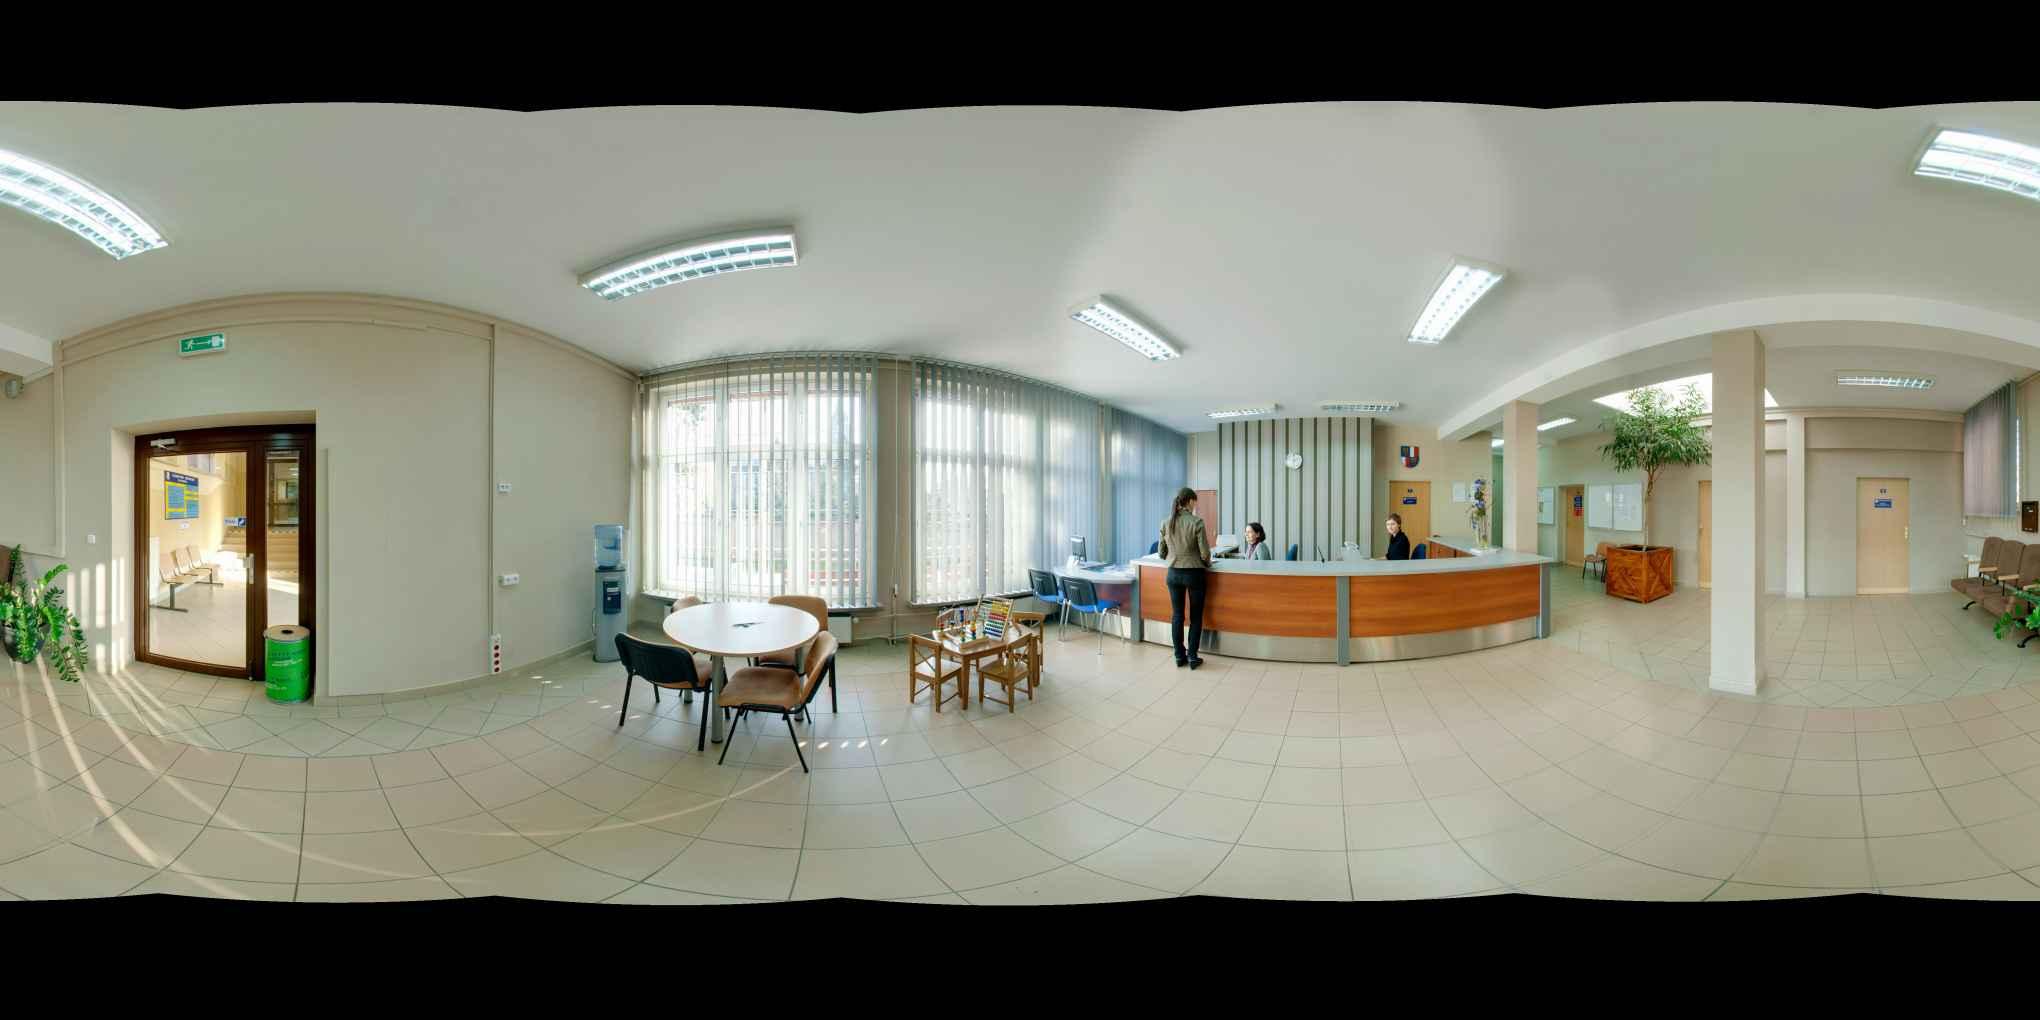 Prezentacja panoramiczna dla obiektu Starostwo Powiatowe w Raciborzu